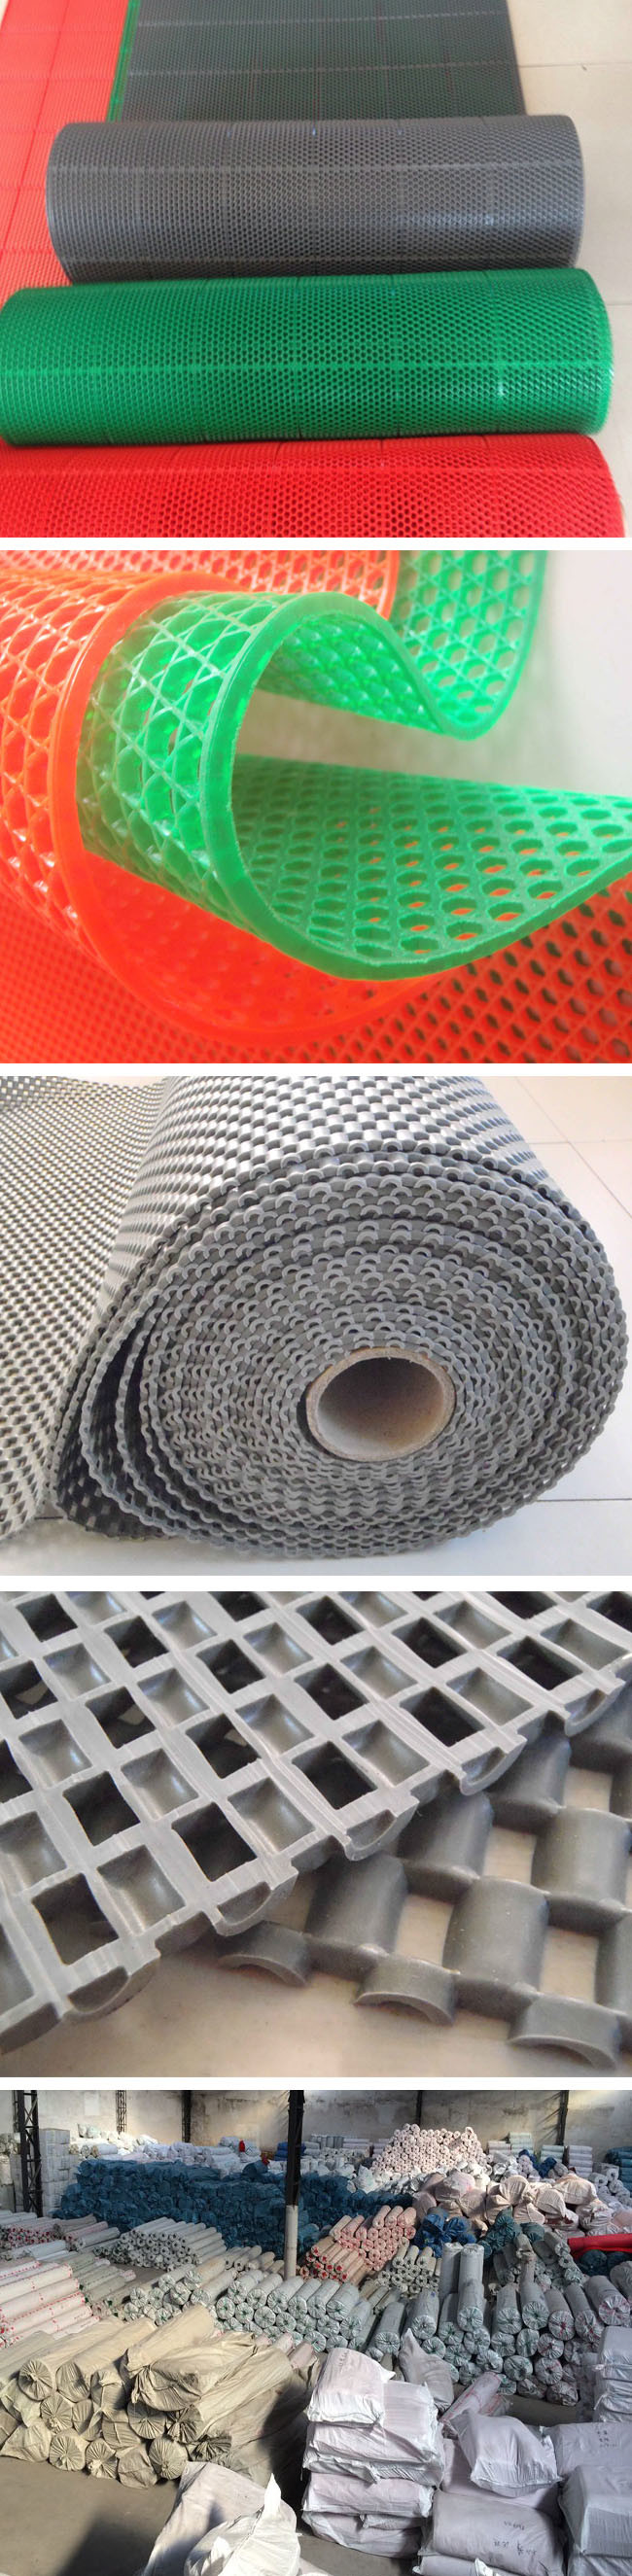 China Wet Area Anti Slip Non Skid Plastic Vinyl Pvc Door